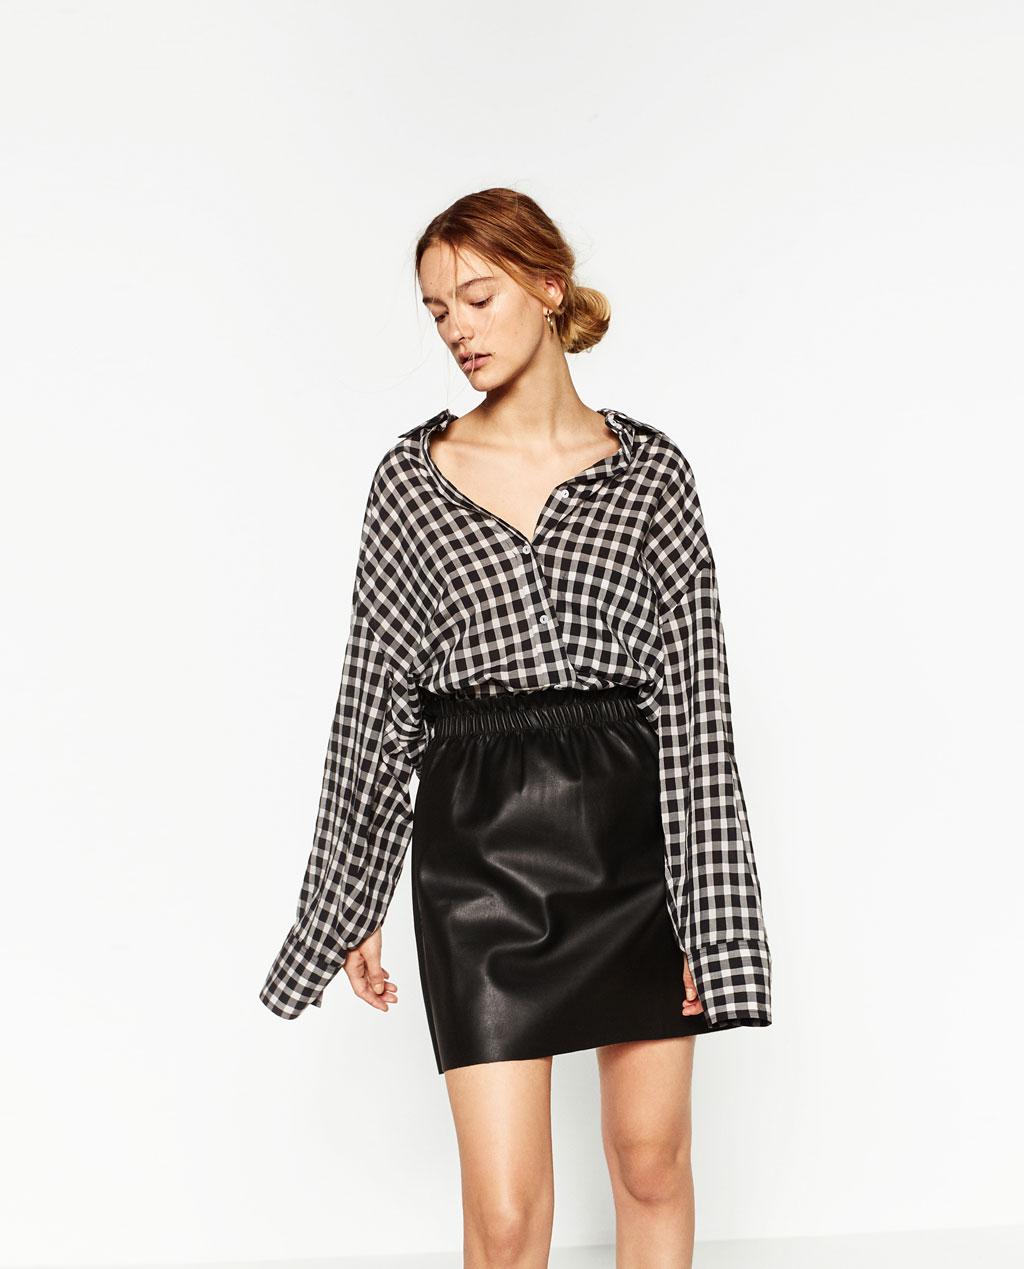 Zara, $29.90